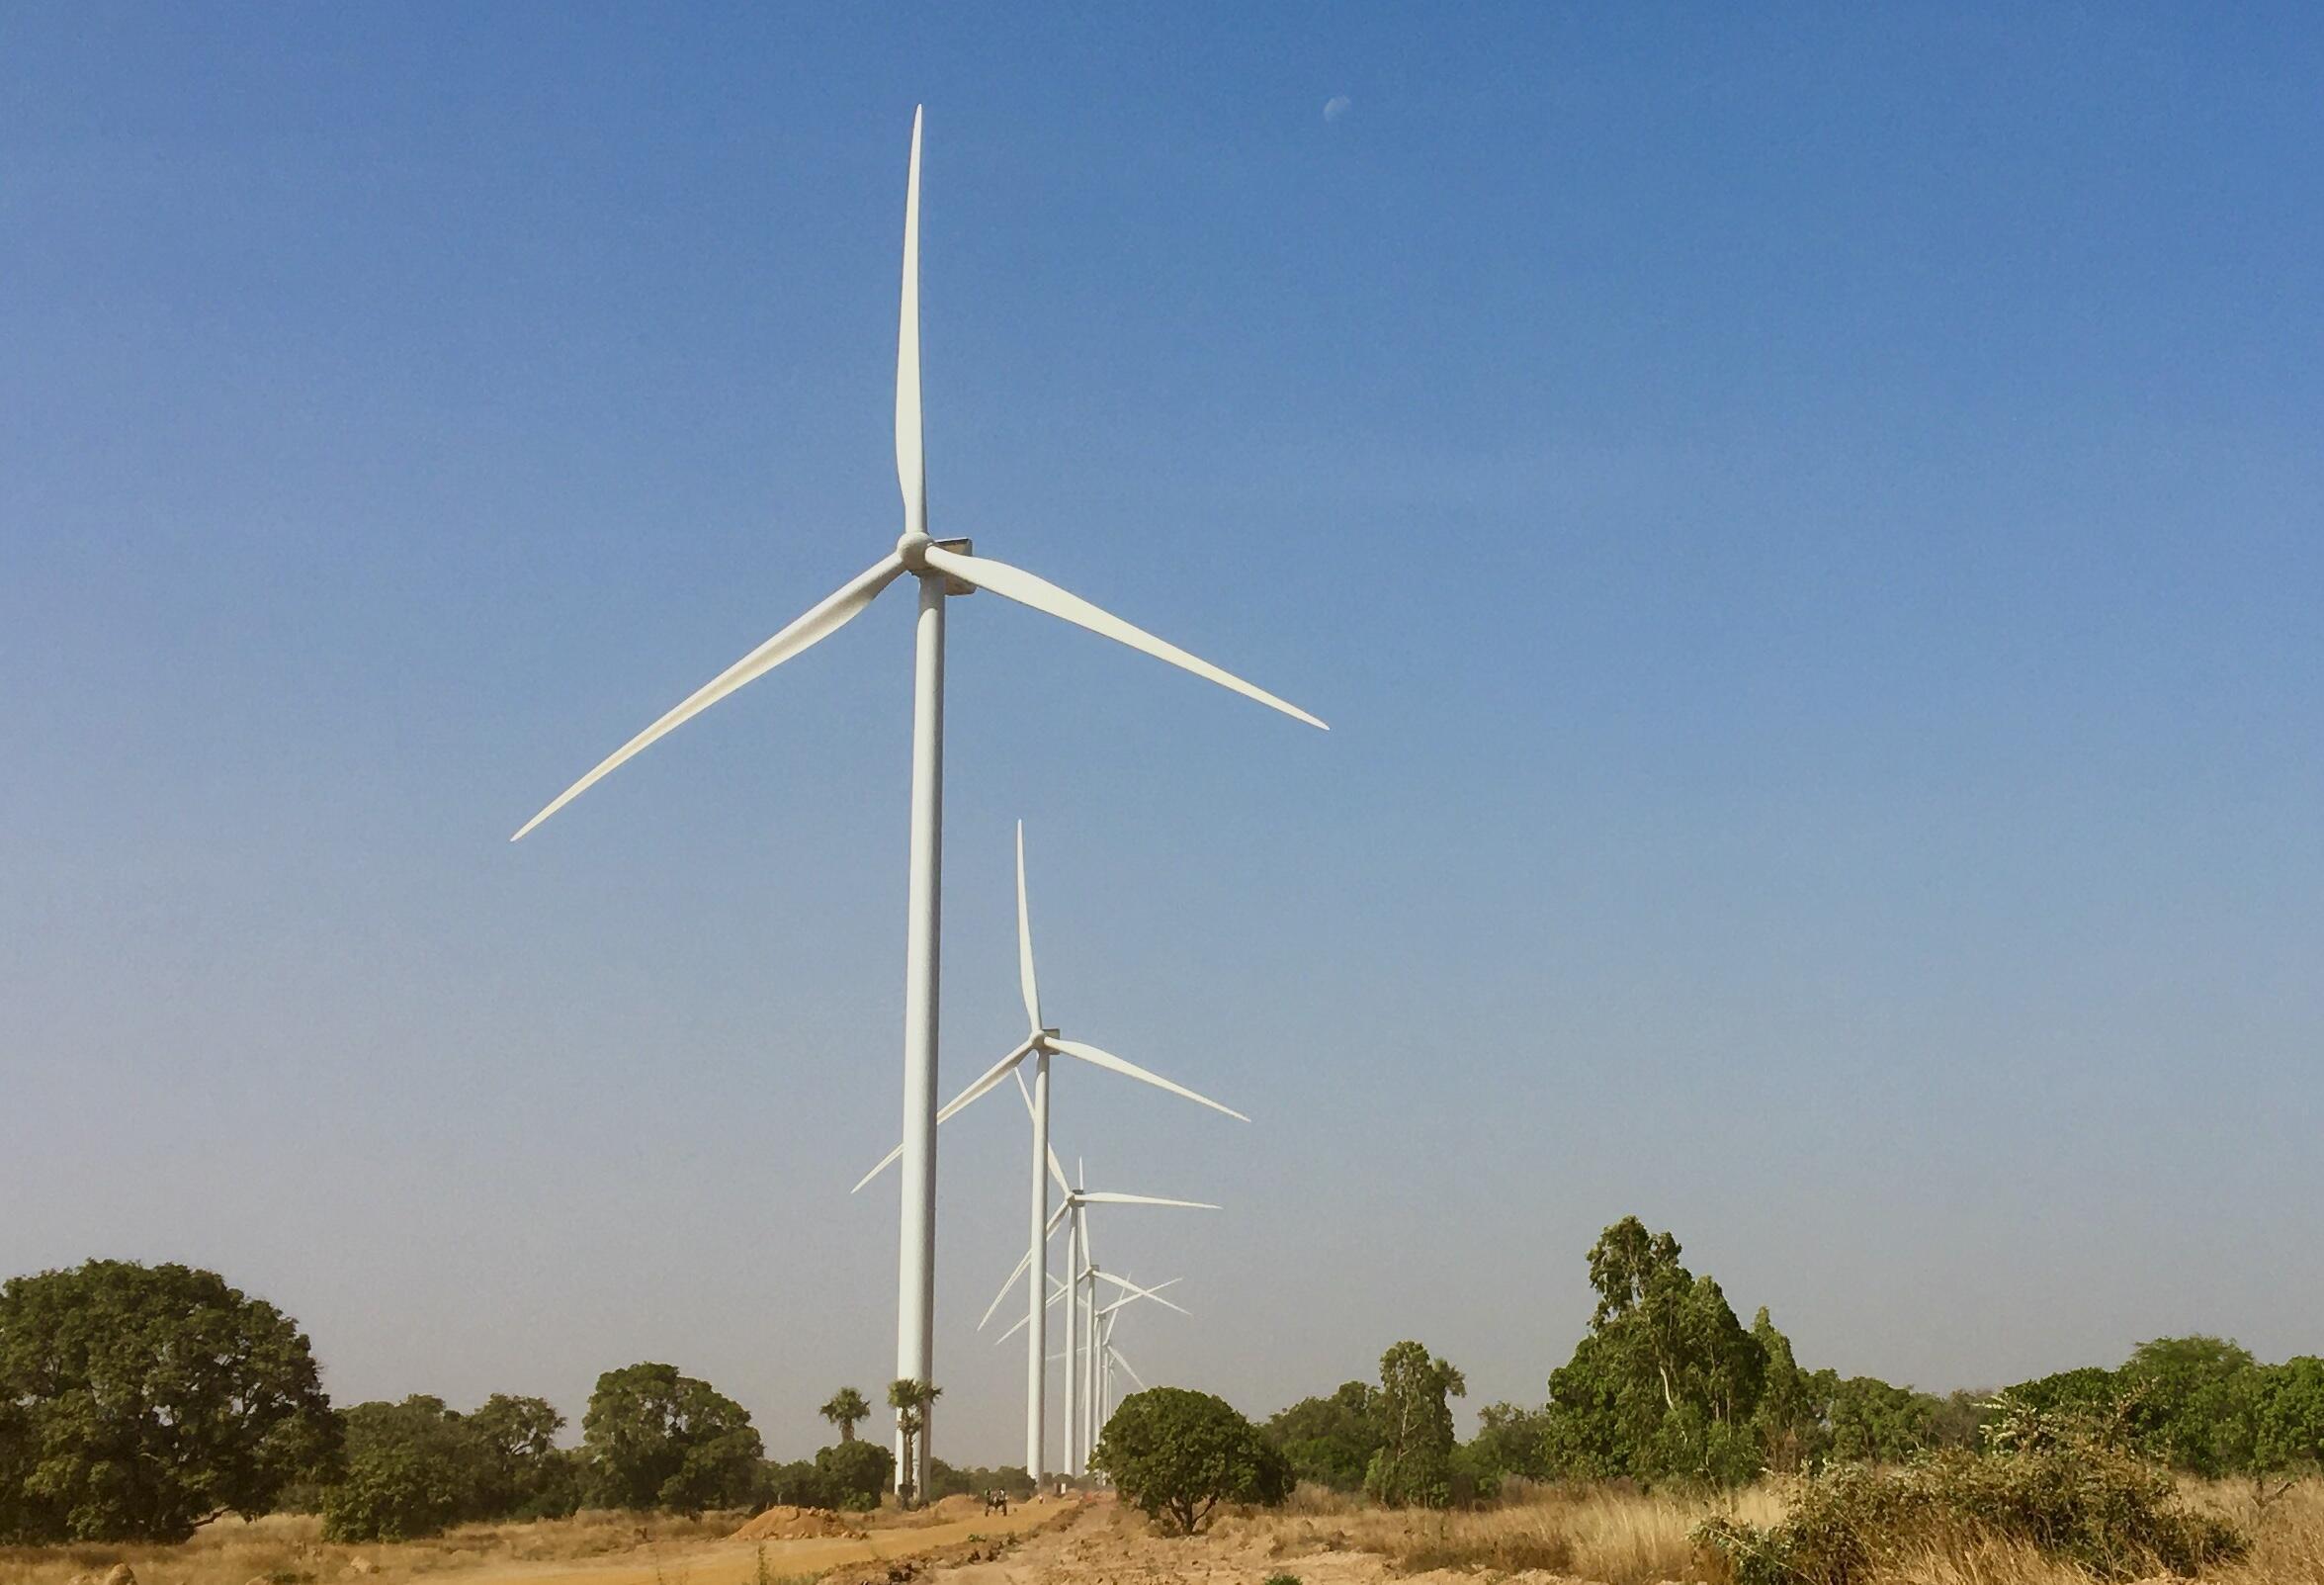 Parque eólico de Taiba Ndiaye é o primeiro do gênero no Senegal.